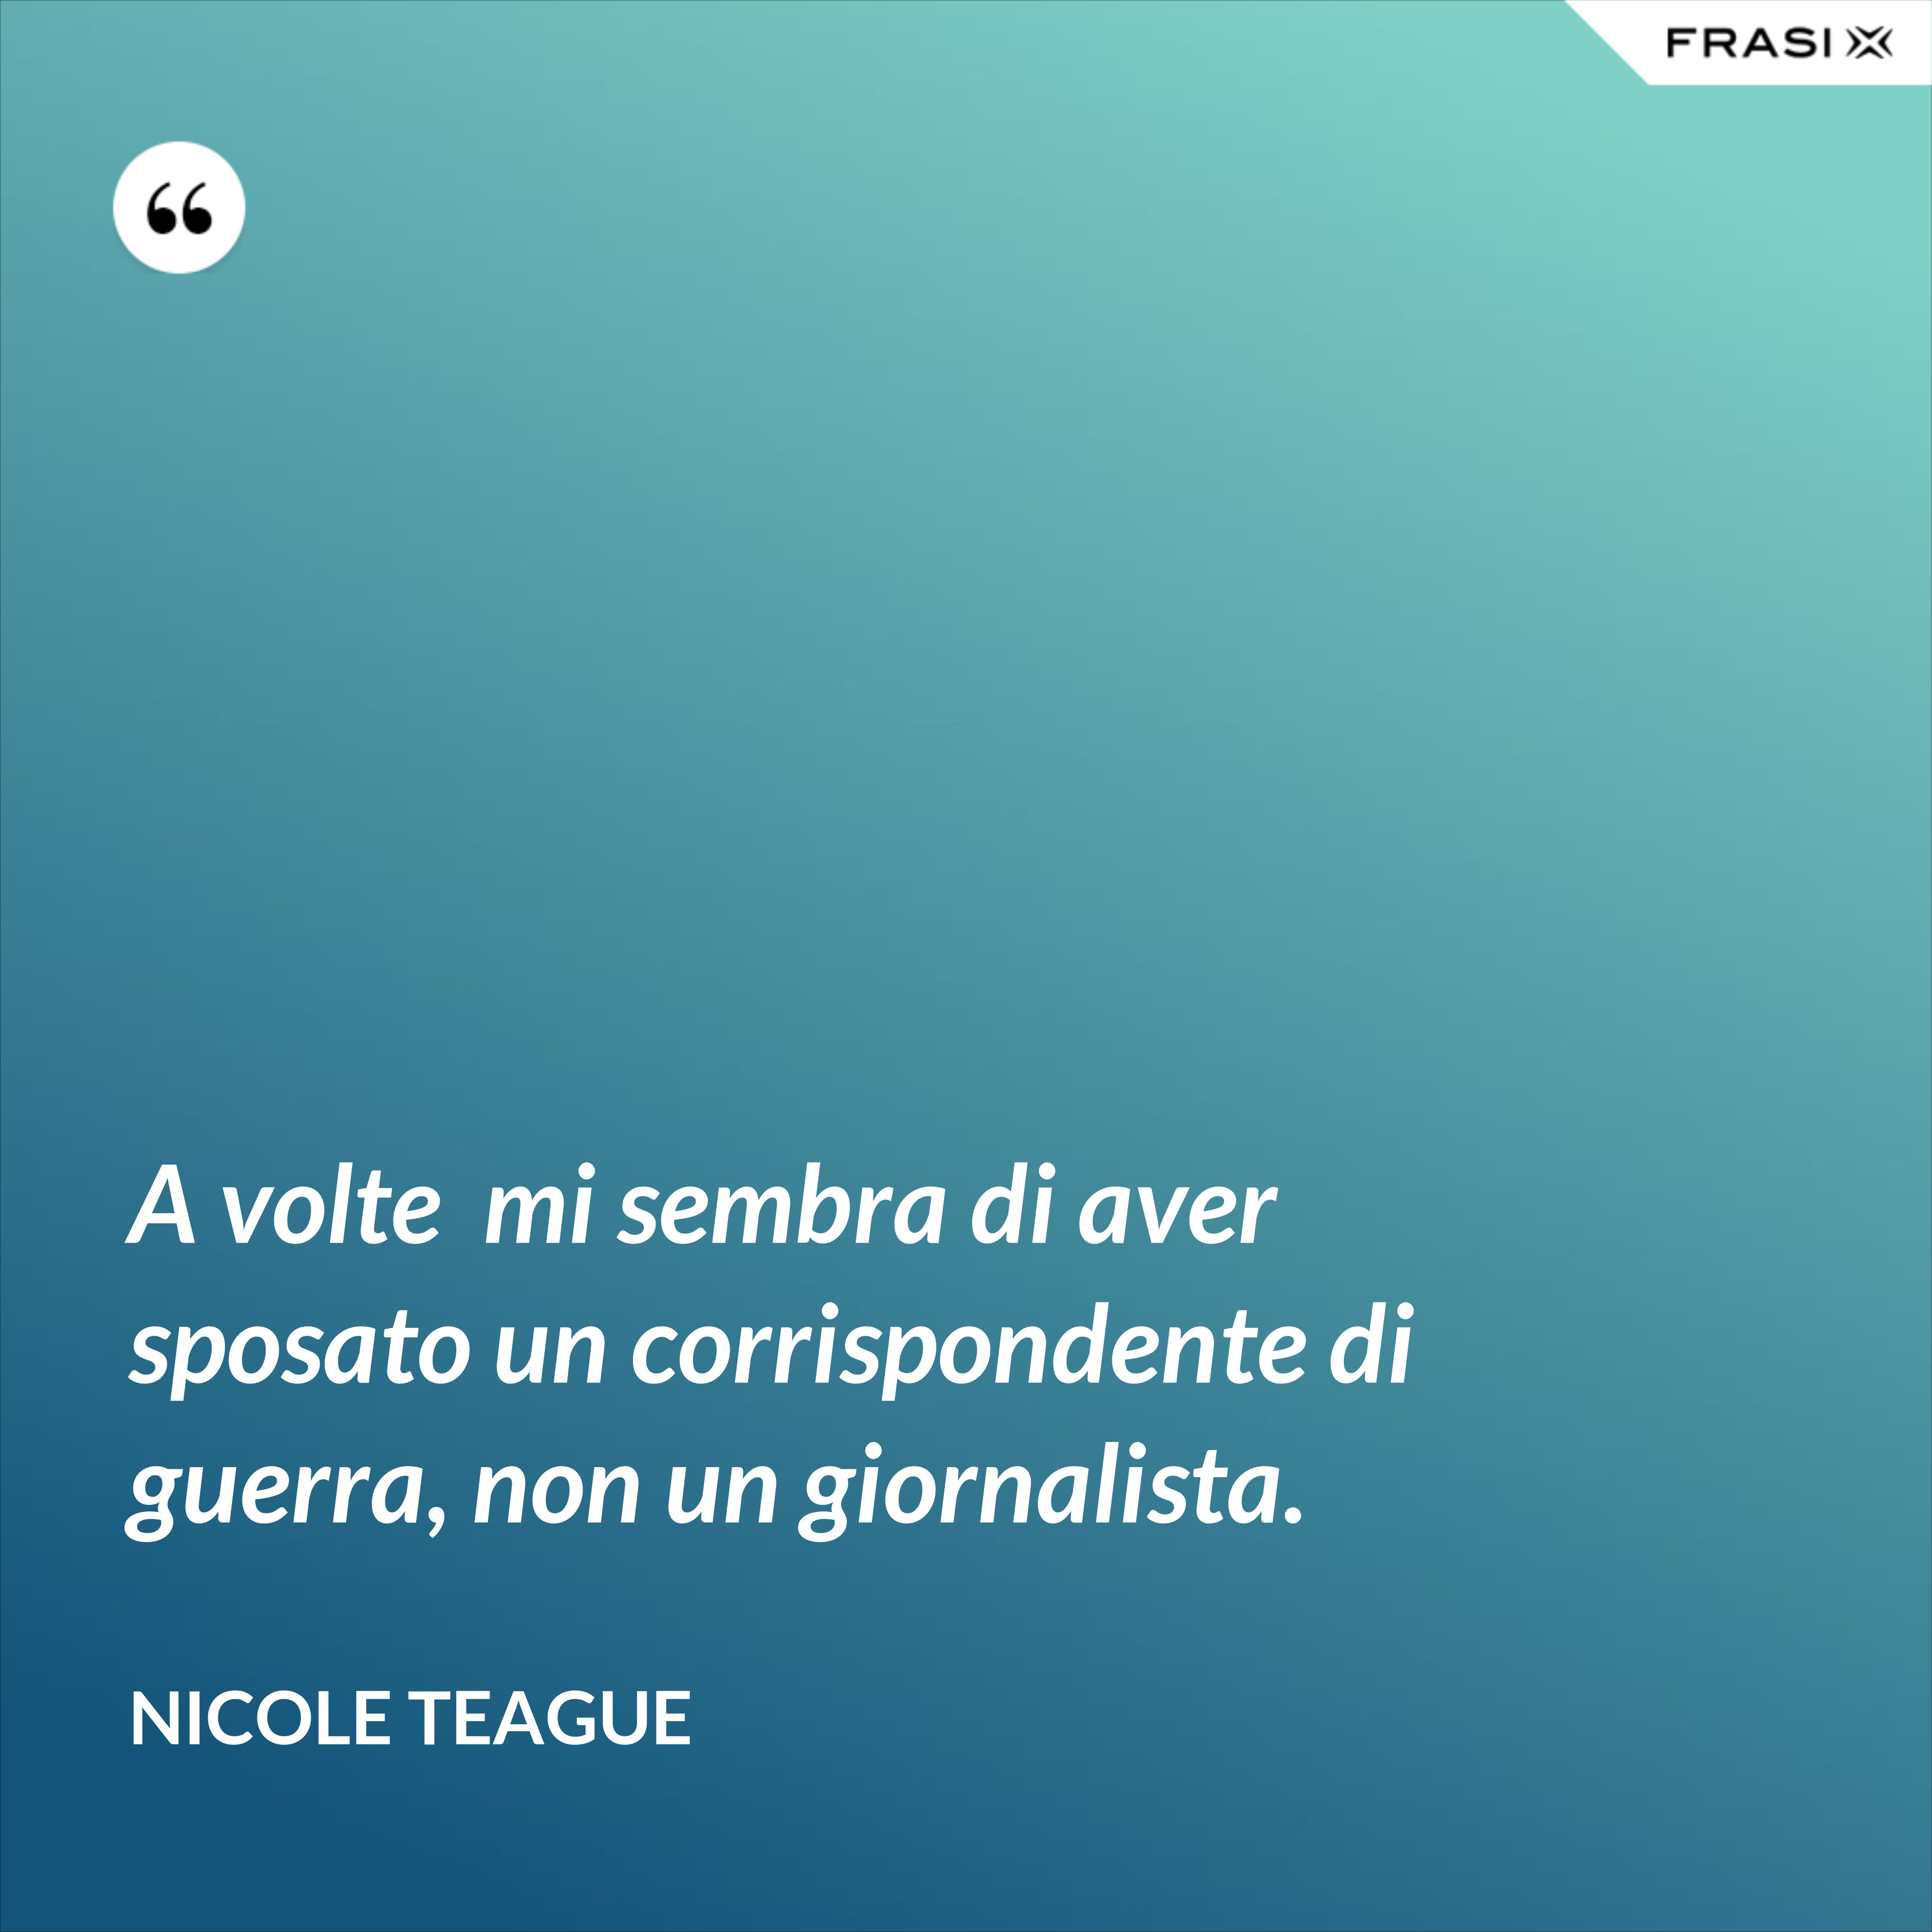 A volte  mi sembra di aver sposato un corrispondente di guerra, non un giornalista. - Nicole Teague